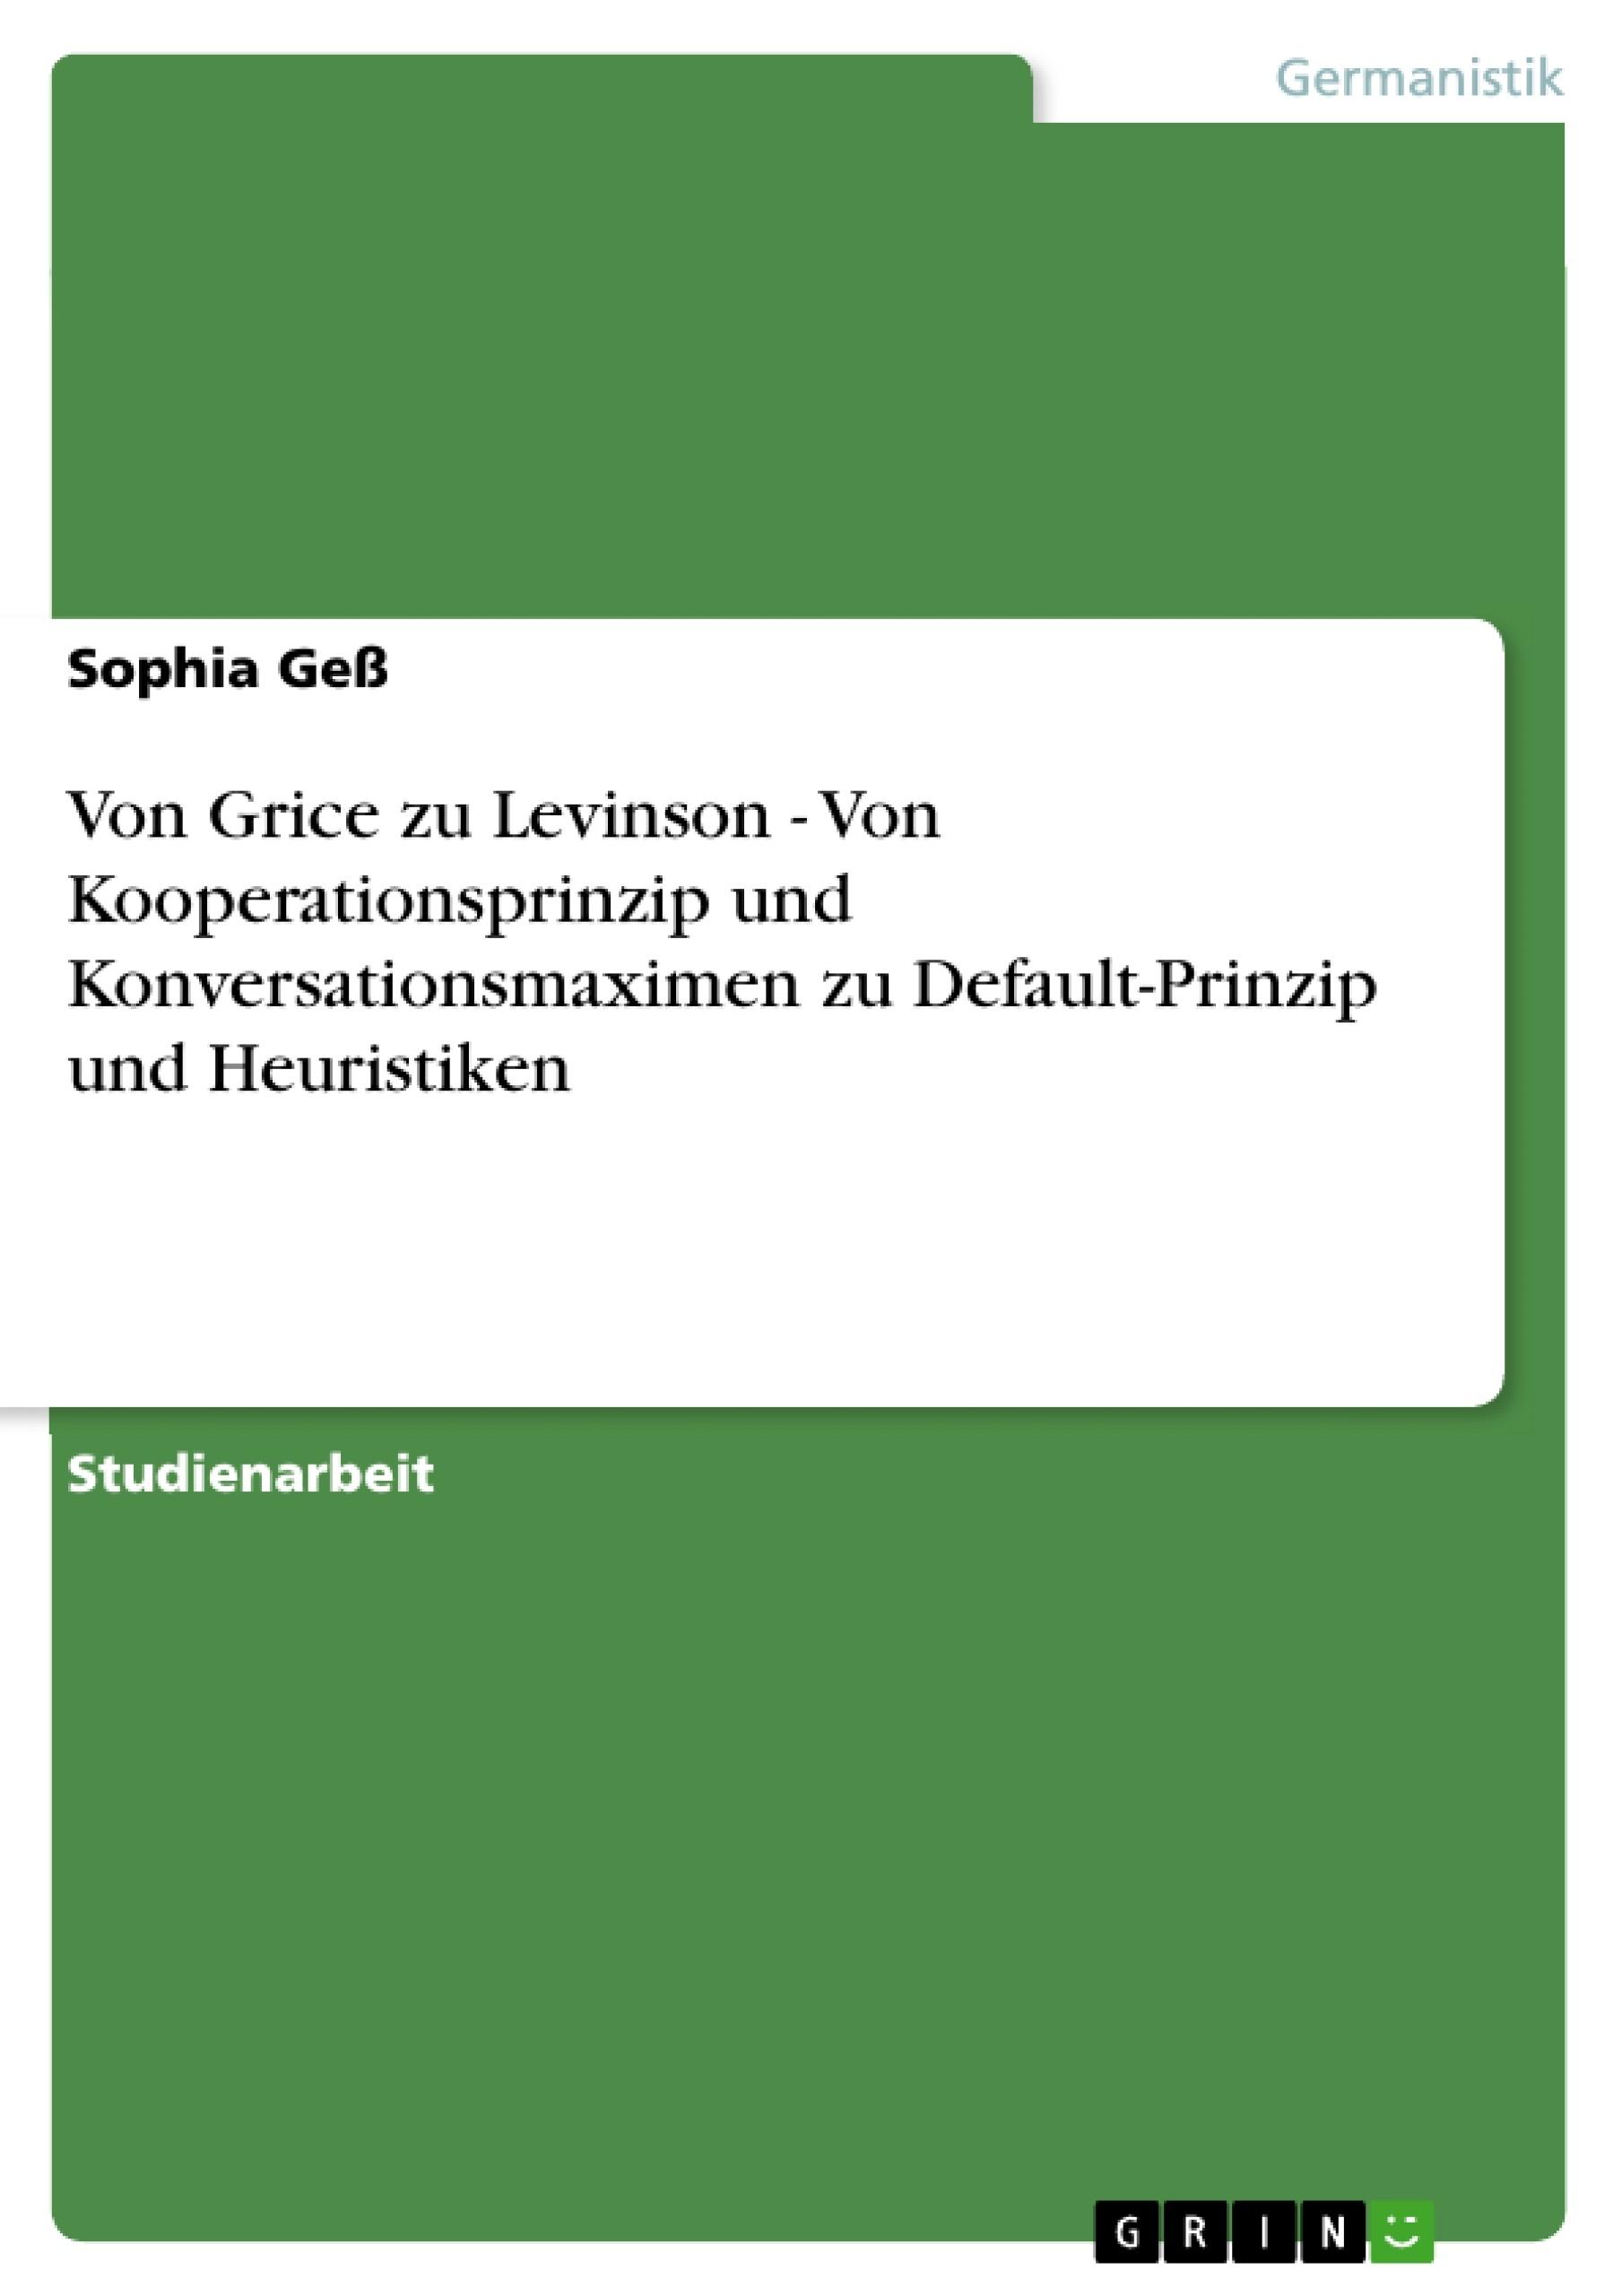 Titel: Von Grice zu Levinson - Von Kooperationsprinzip und Konversationsmaximen zu Default-Prinzip und Heuristiken